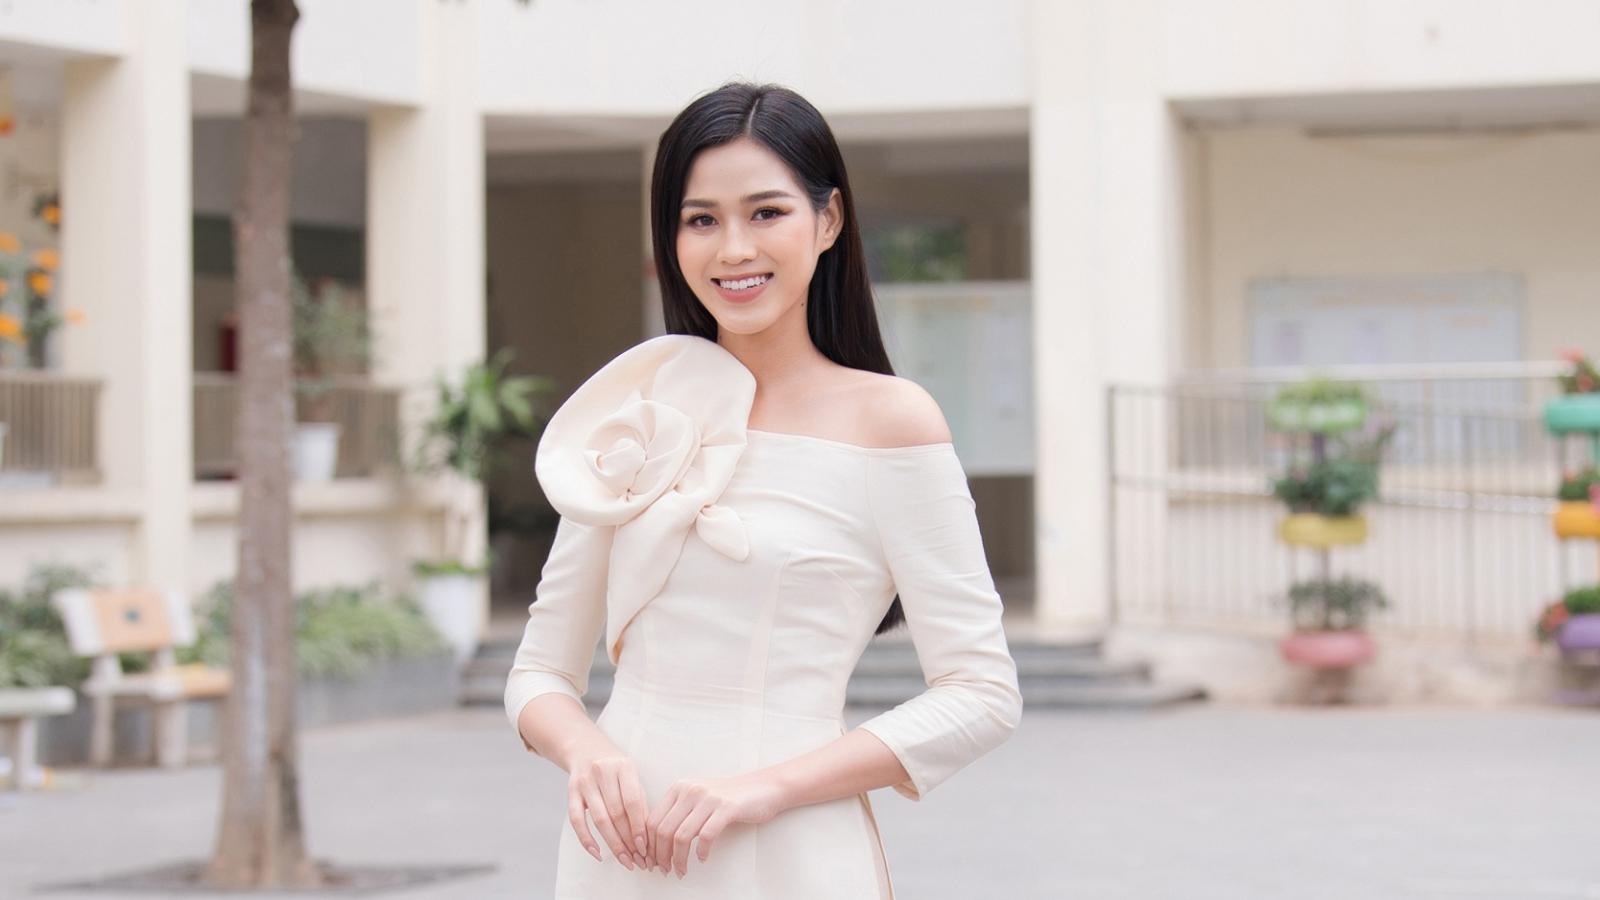 Hoa hậu Đỗ Thị Hà, Ngọc Hân, Á hậu Phương Nga...gửi lời chúc Tết độc giả